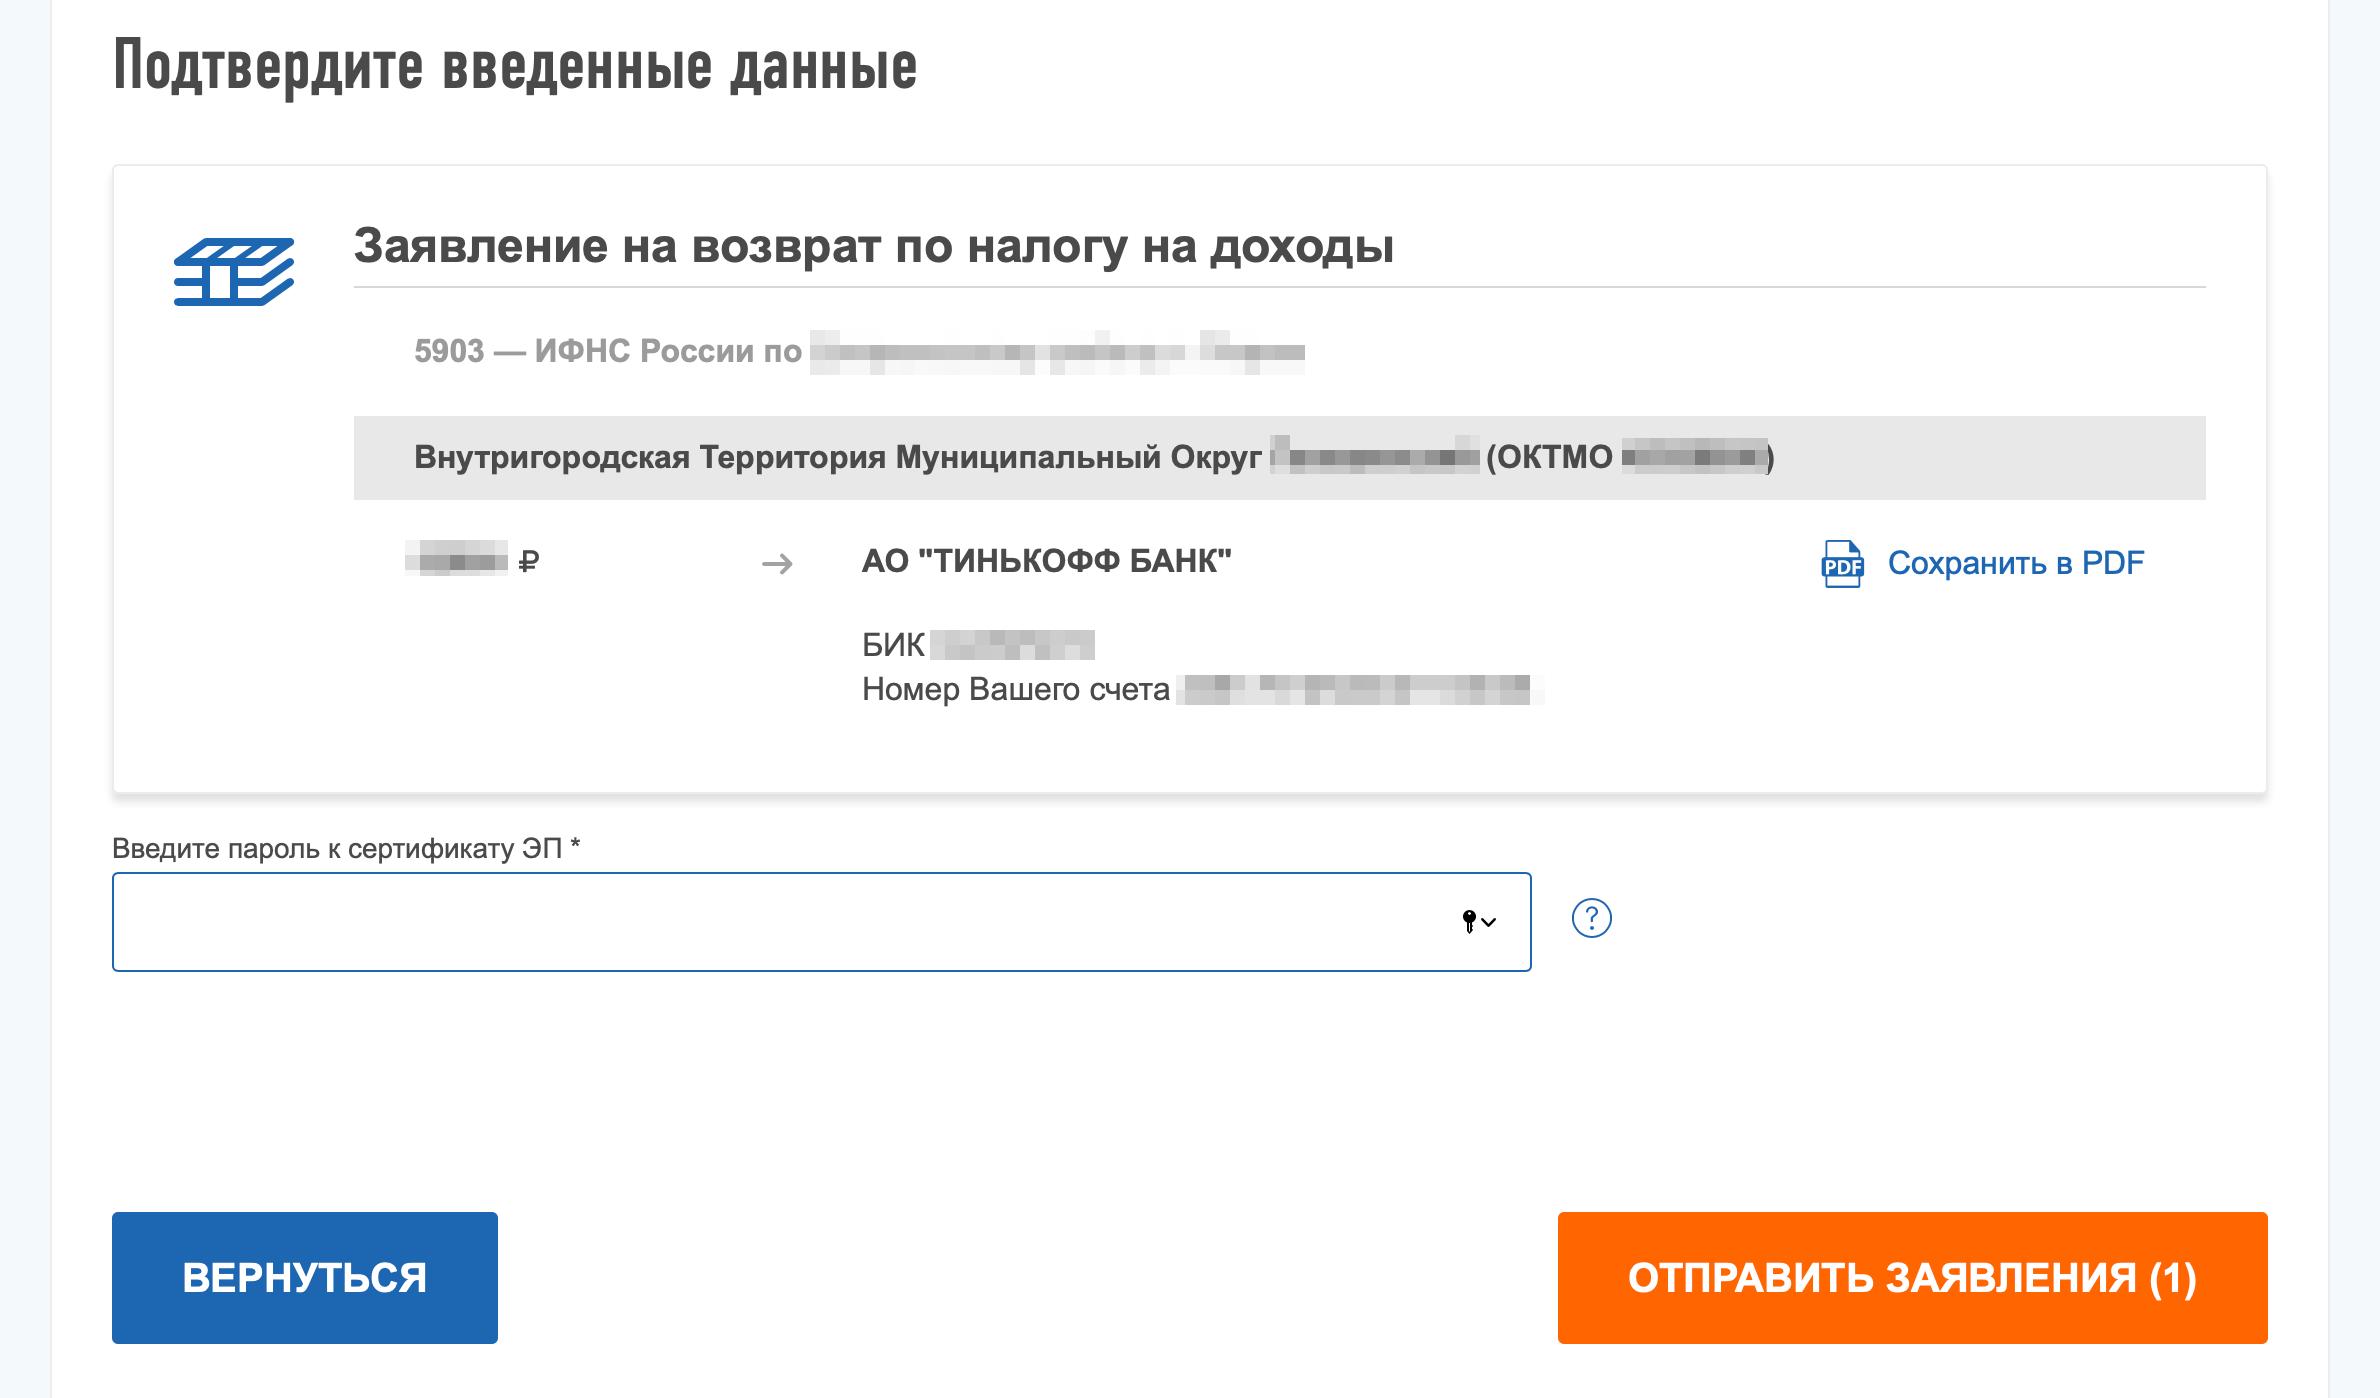 Проверьте данные и снова введите пароль к своему сертификату электронной подписи. После этого документы улетят в налоговую